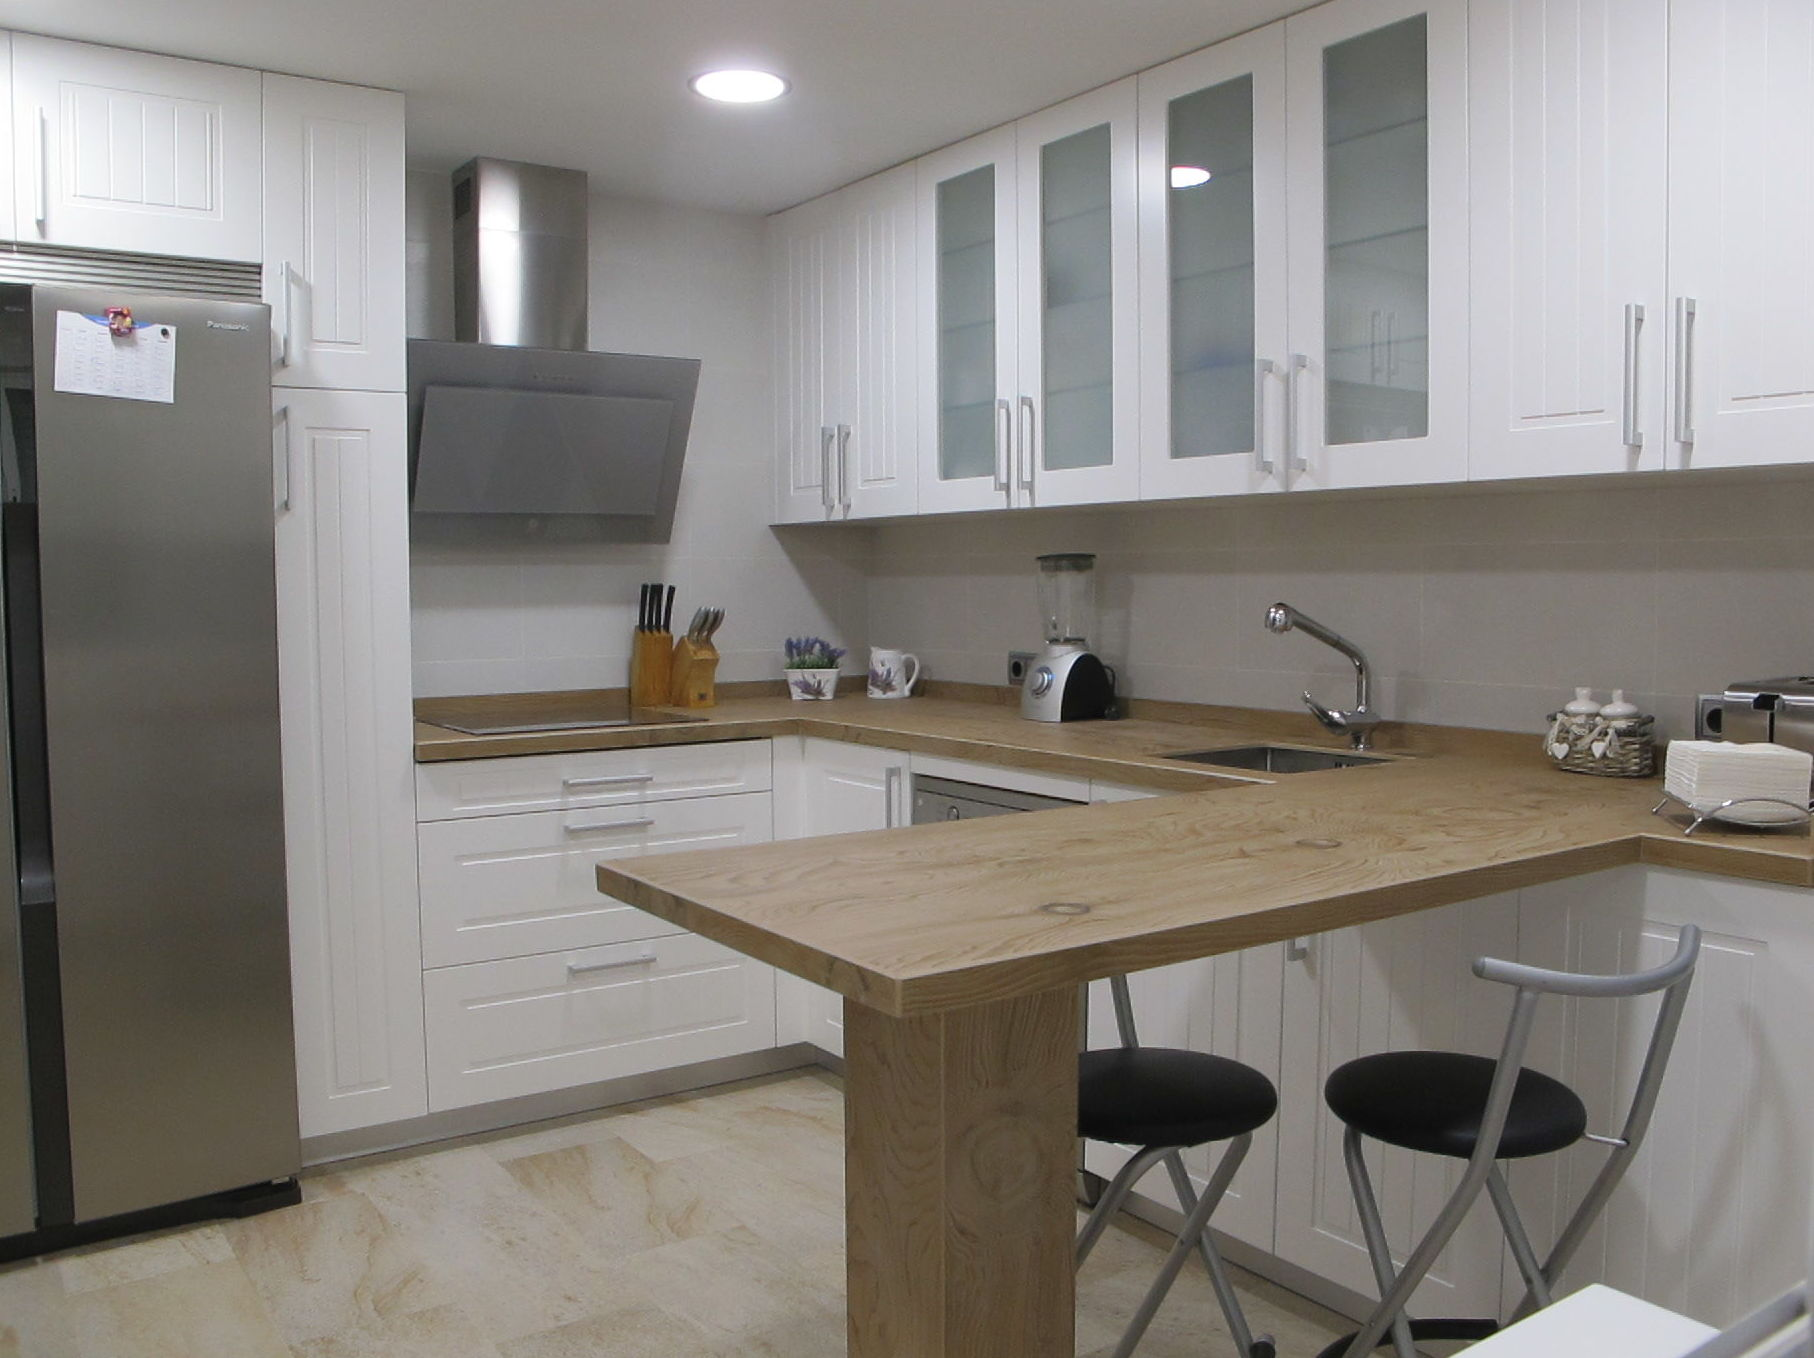 Muebles de Cocina - Proyecto realizado en boadilla: Catálogo de Diseño Cocinas MC